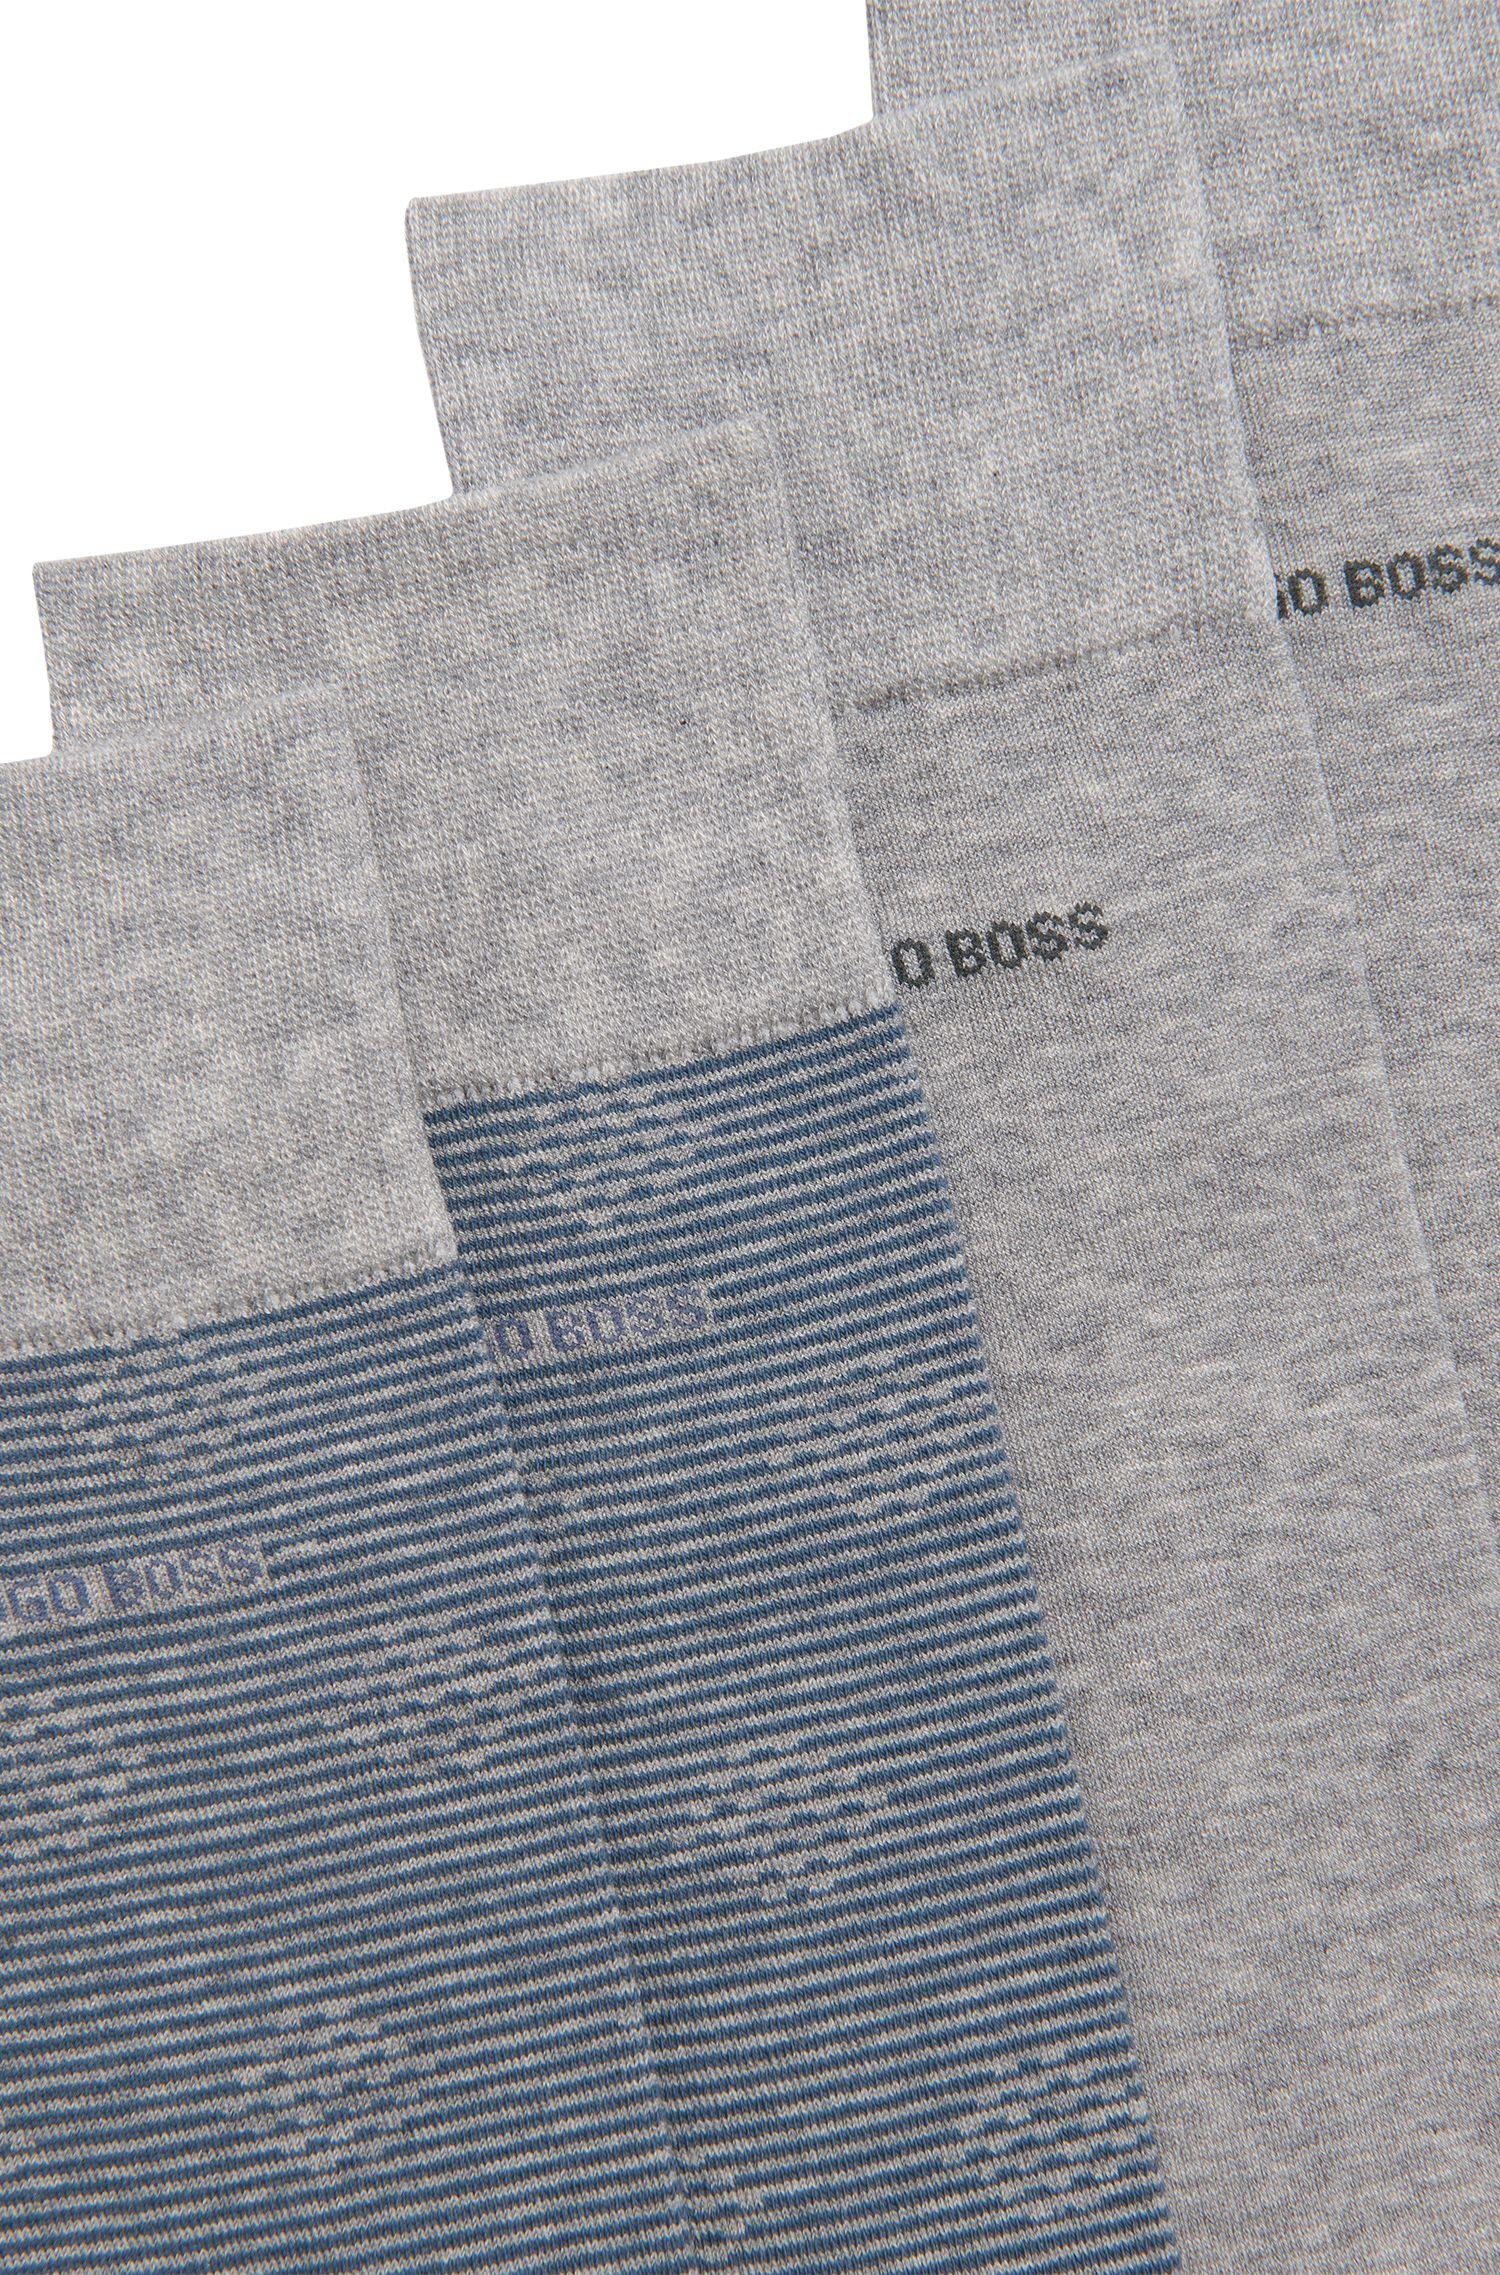 Sneaker-Socken aus Baumwoll-Mix im Zweier-Pack: 'Twopack RS Design'